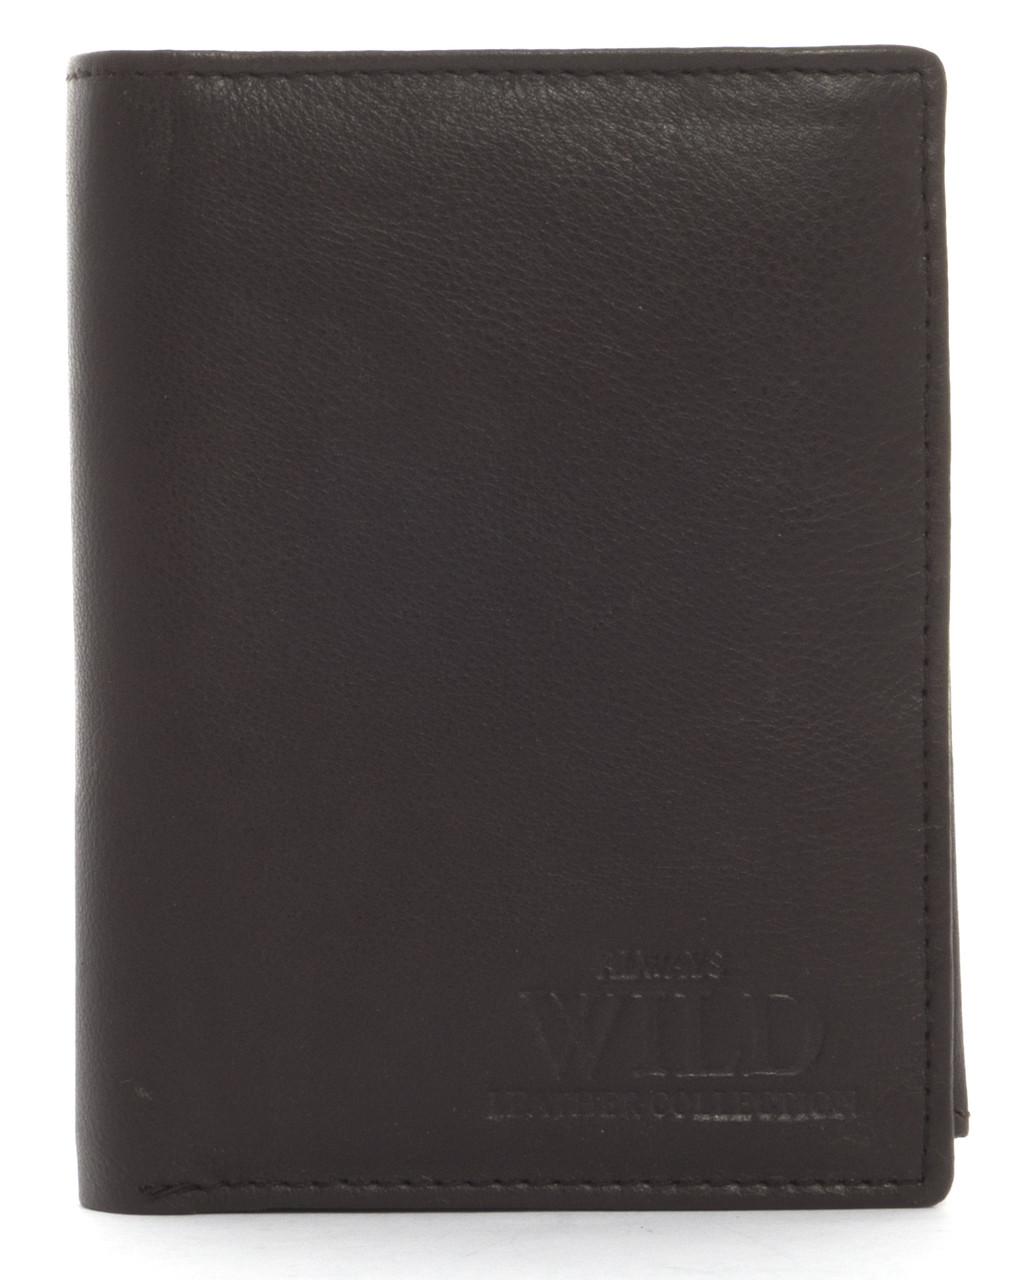 Кошелек мужской кожаный с большим количеством отделений ALWAYSWILD art. D1072-CCF коричневый, фото 1